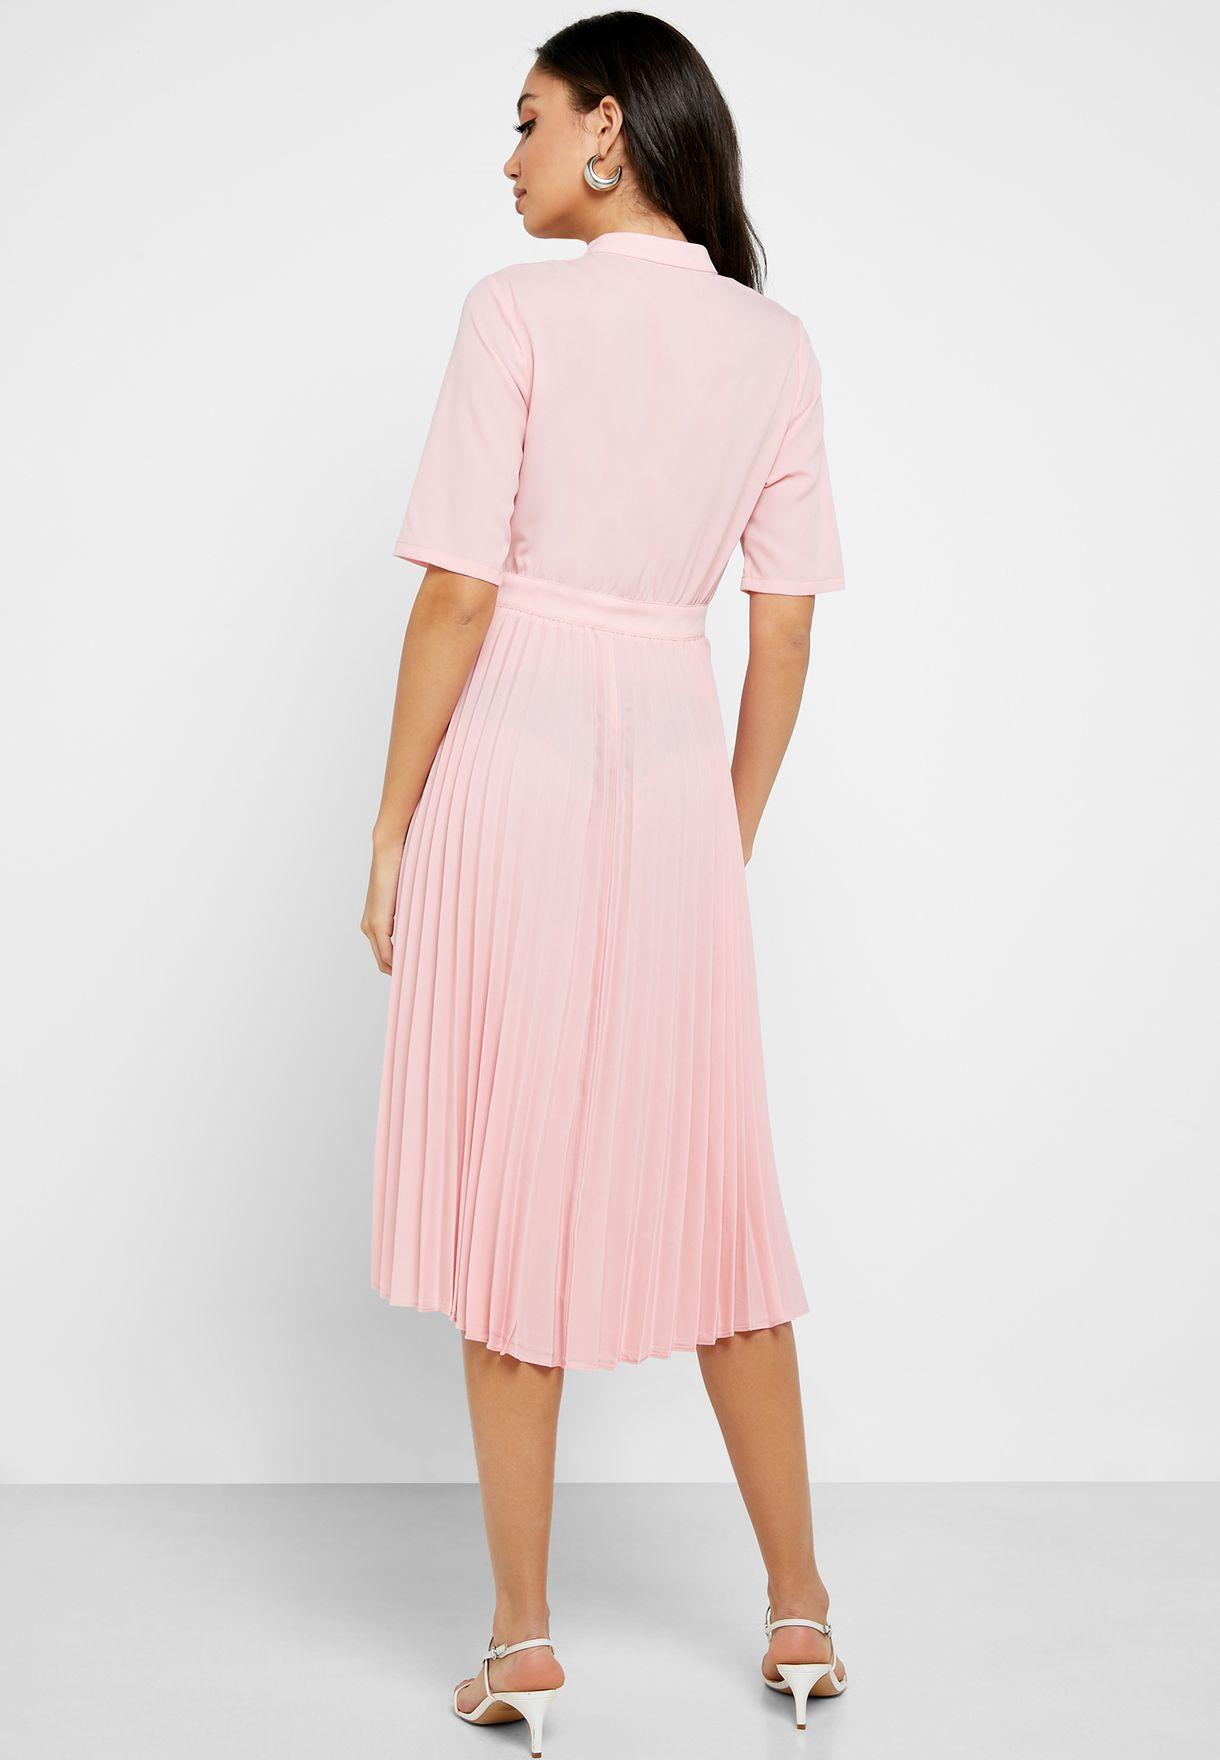 Pleated Skirt Midi Dress